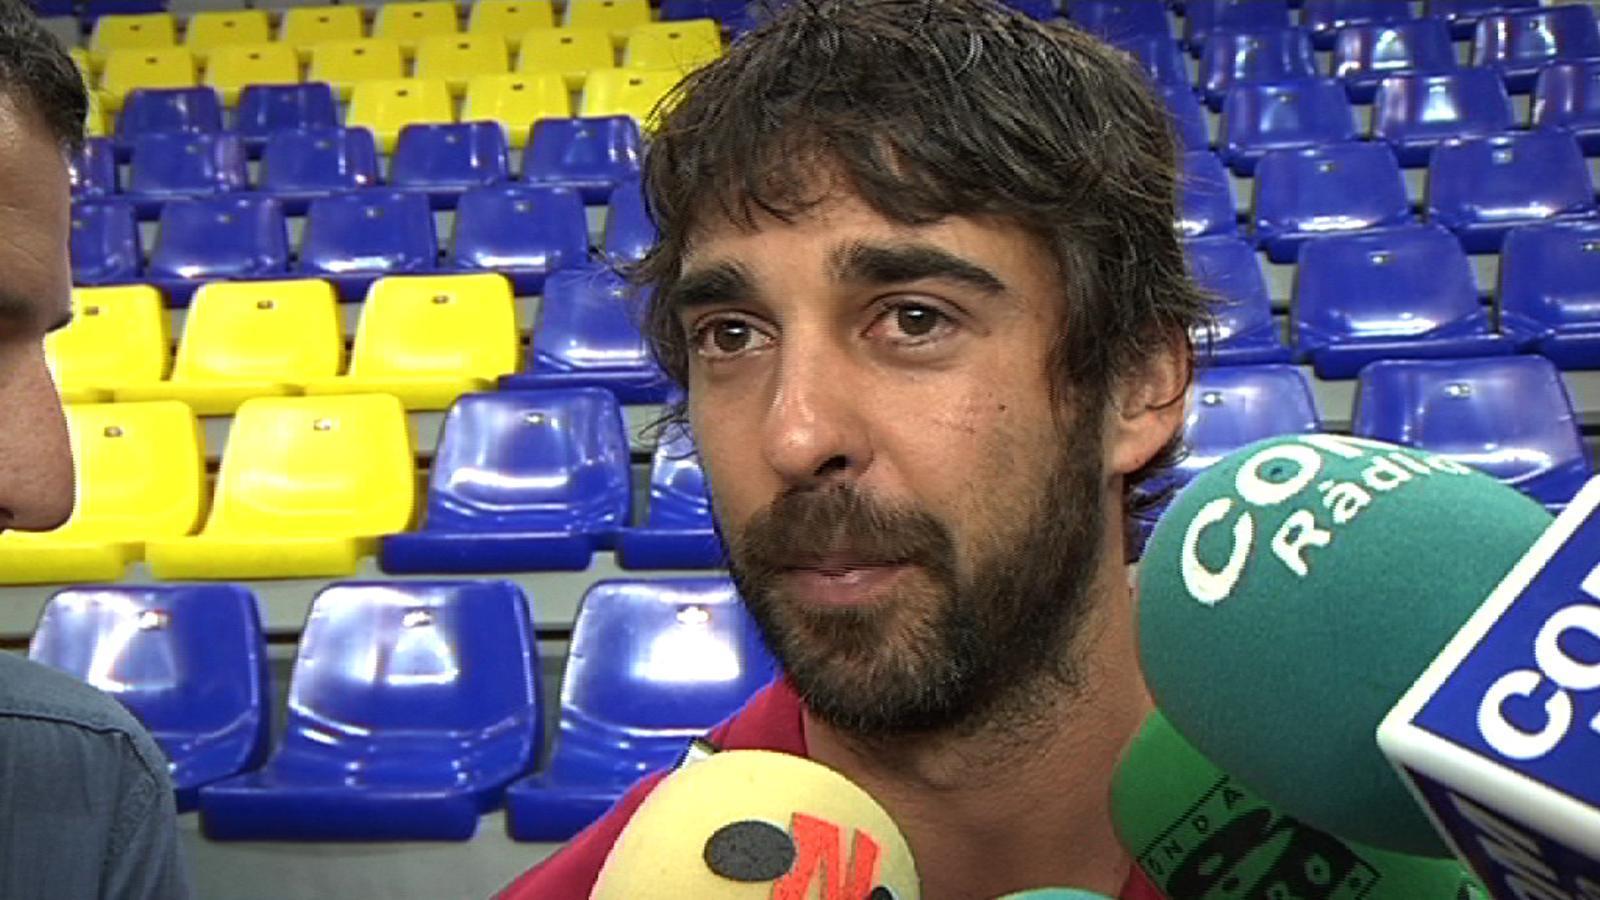 Especial 'final four'. Joan Carles Navarro: No pensem en el CSKA, de moment ens centrem en l'Olympiacos